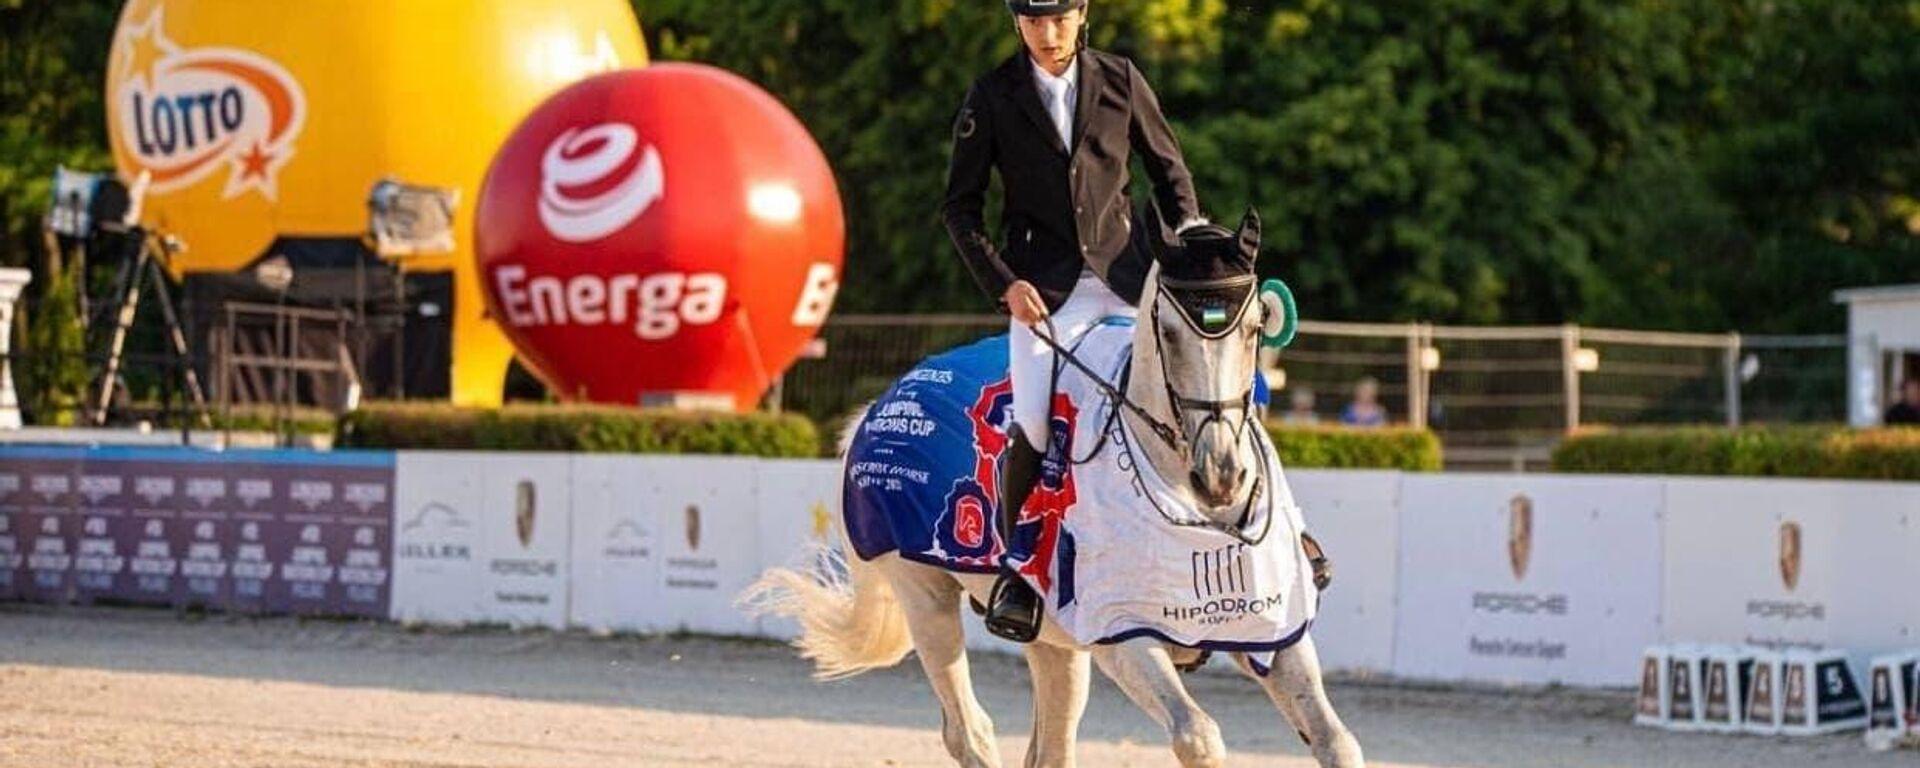 Узбекистанец завоевал три медали на Кубке наций по конному спорту - Sputnik Узбекистан, 1920, 21.06.2021